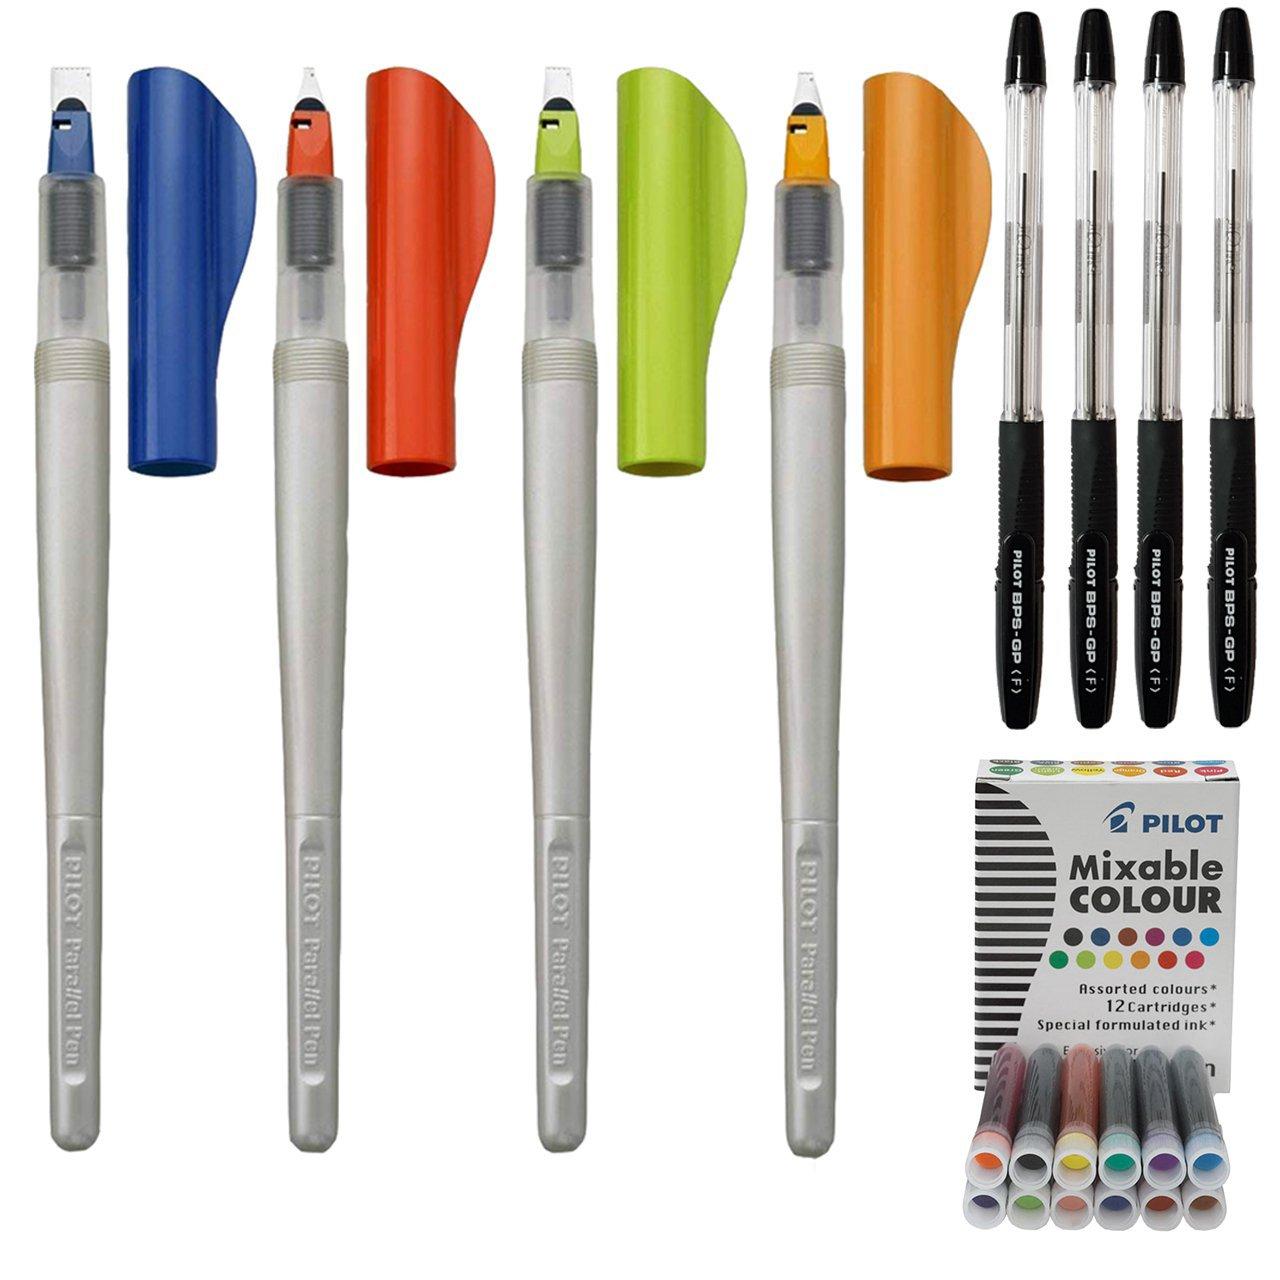 ست قلم کالیگرافی پایلوت مدل پارالل به همراه بسته دوعددی جوهر یدک رنگی و خودکار پایلوت مدل BPS-GP